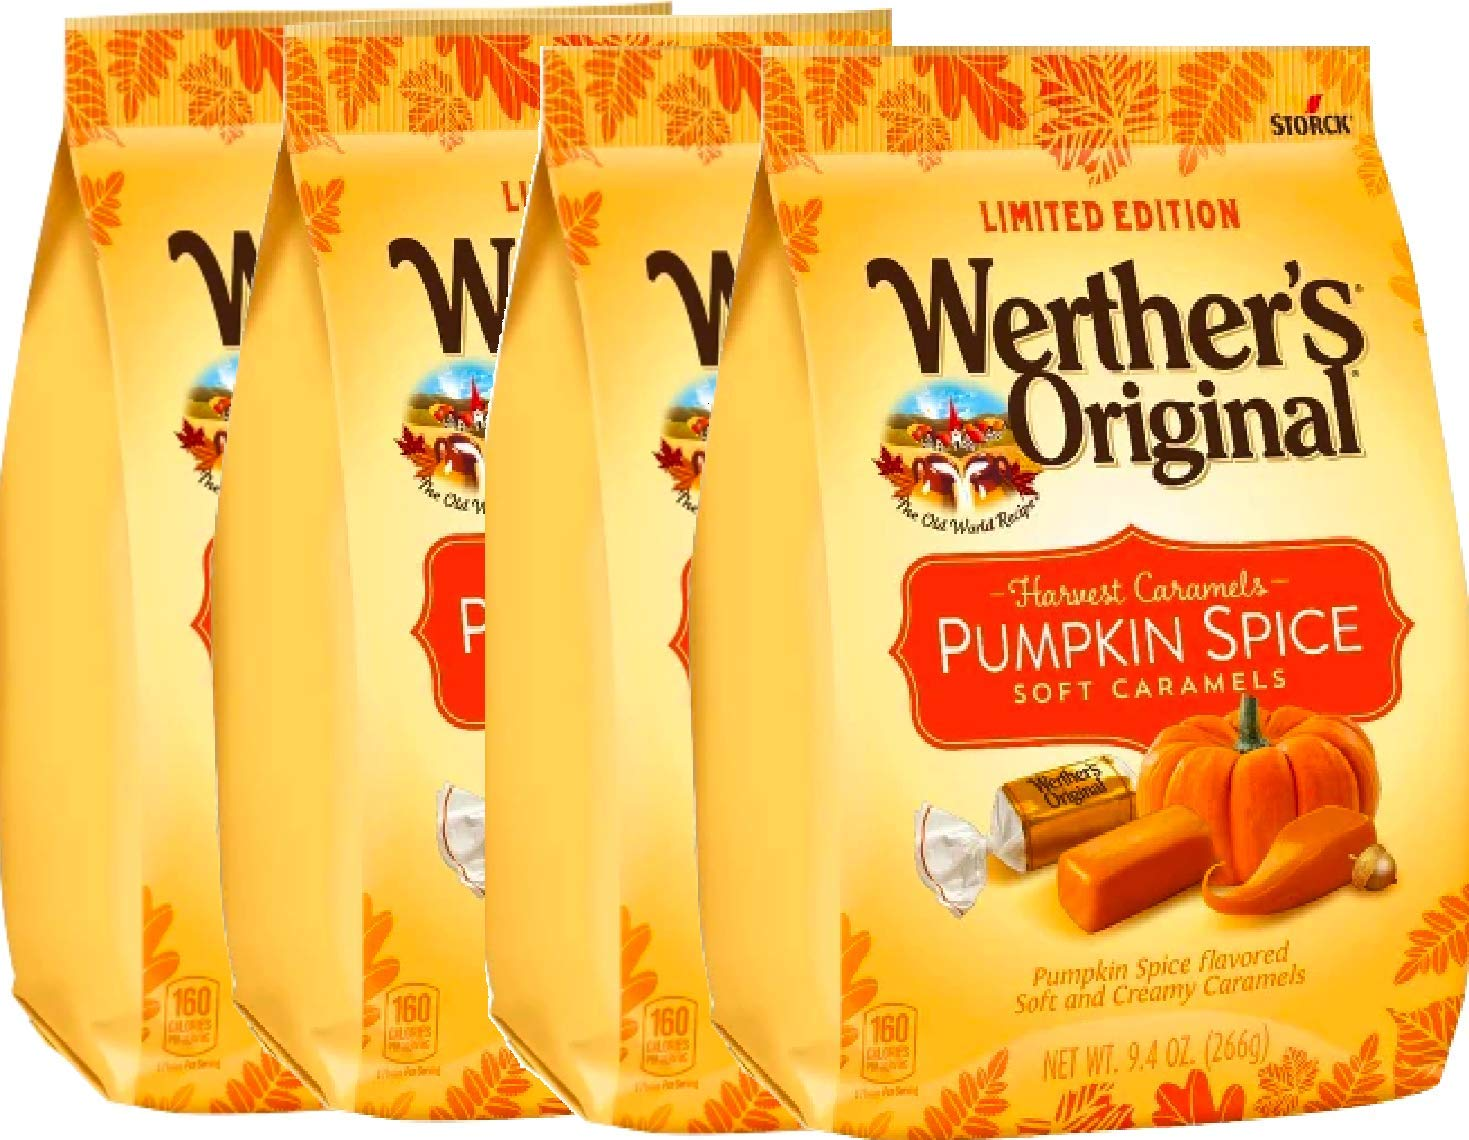 NEW Werther's Original Limited Edition Halloween Pumpkin Spice/ Caramel Apple Soft Caramels - 9.4oz (Pumpkin Spice, 4)